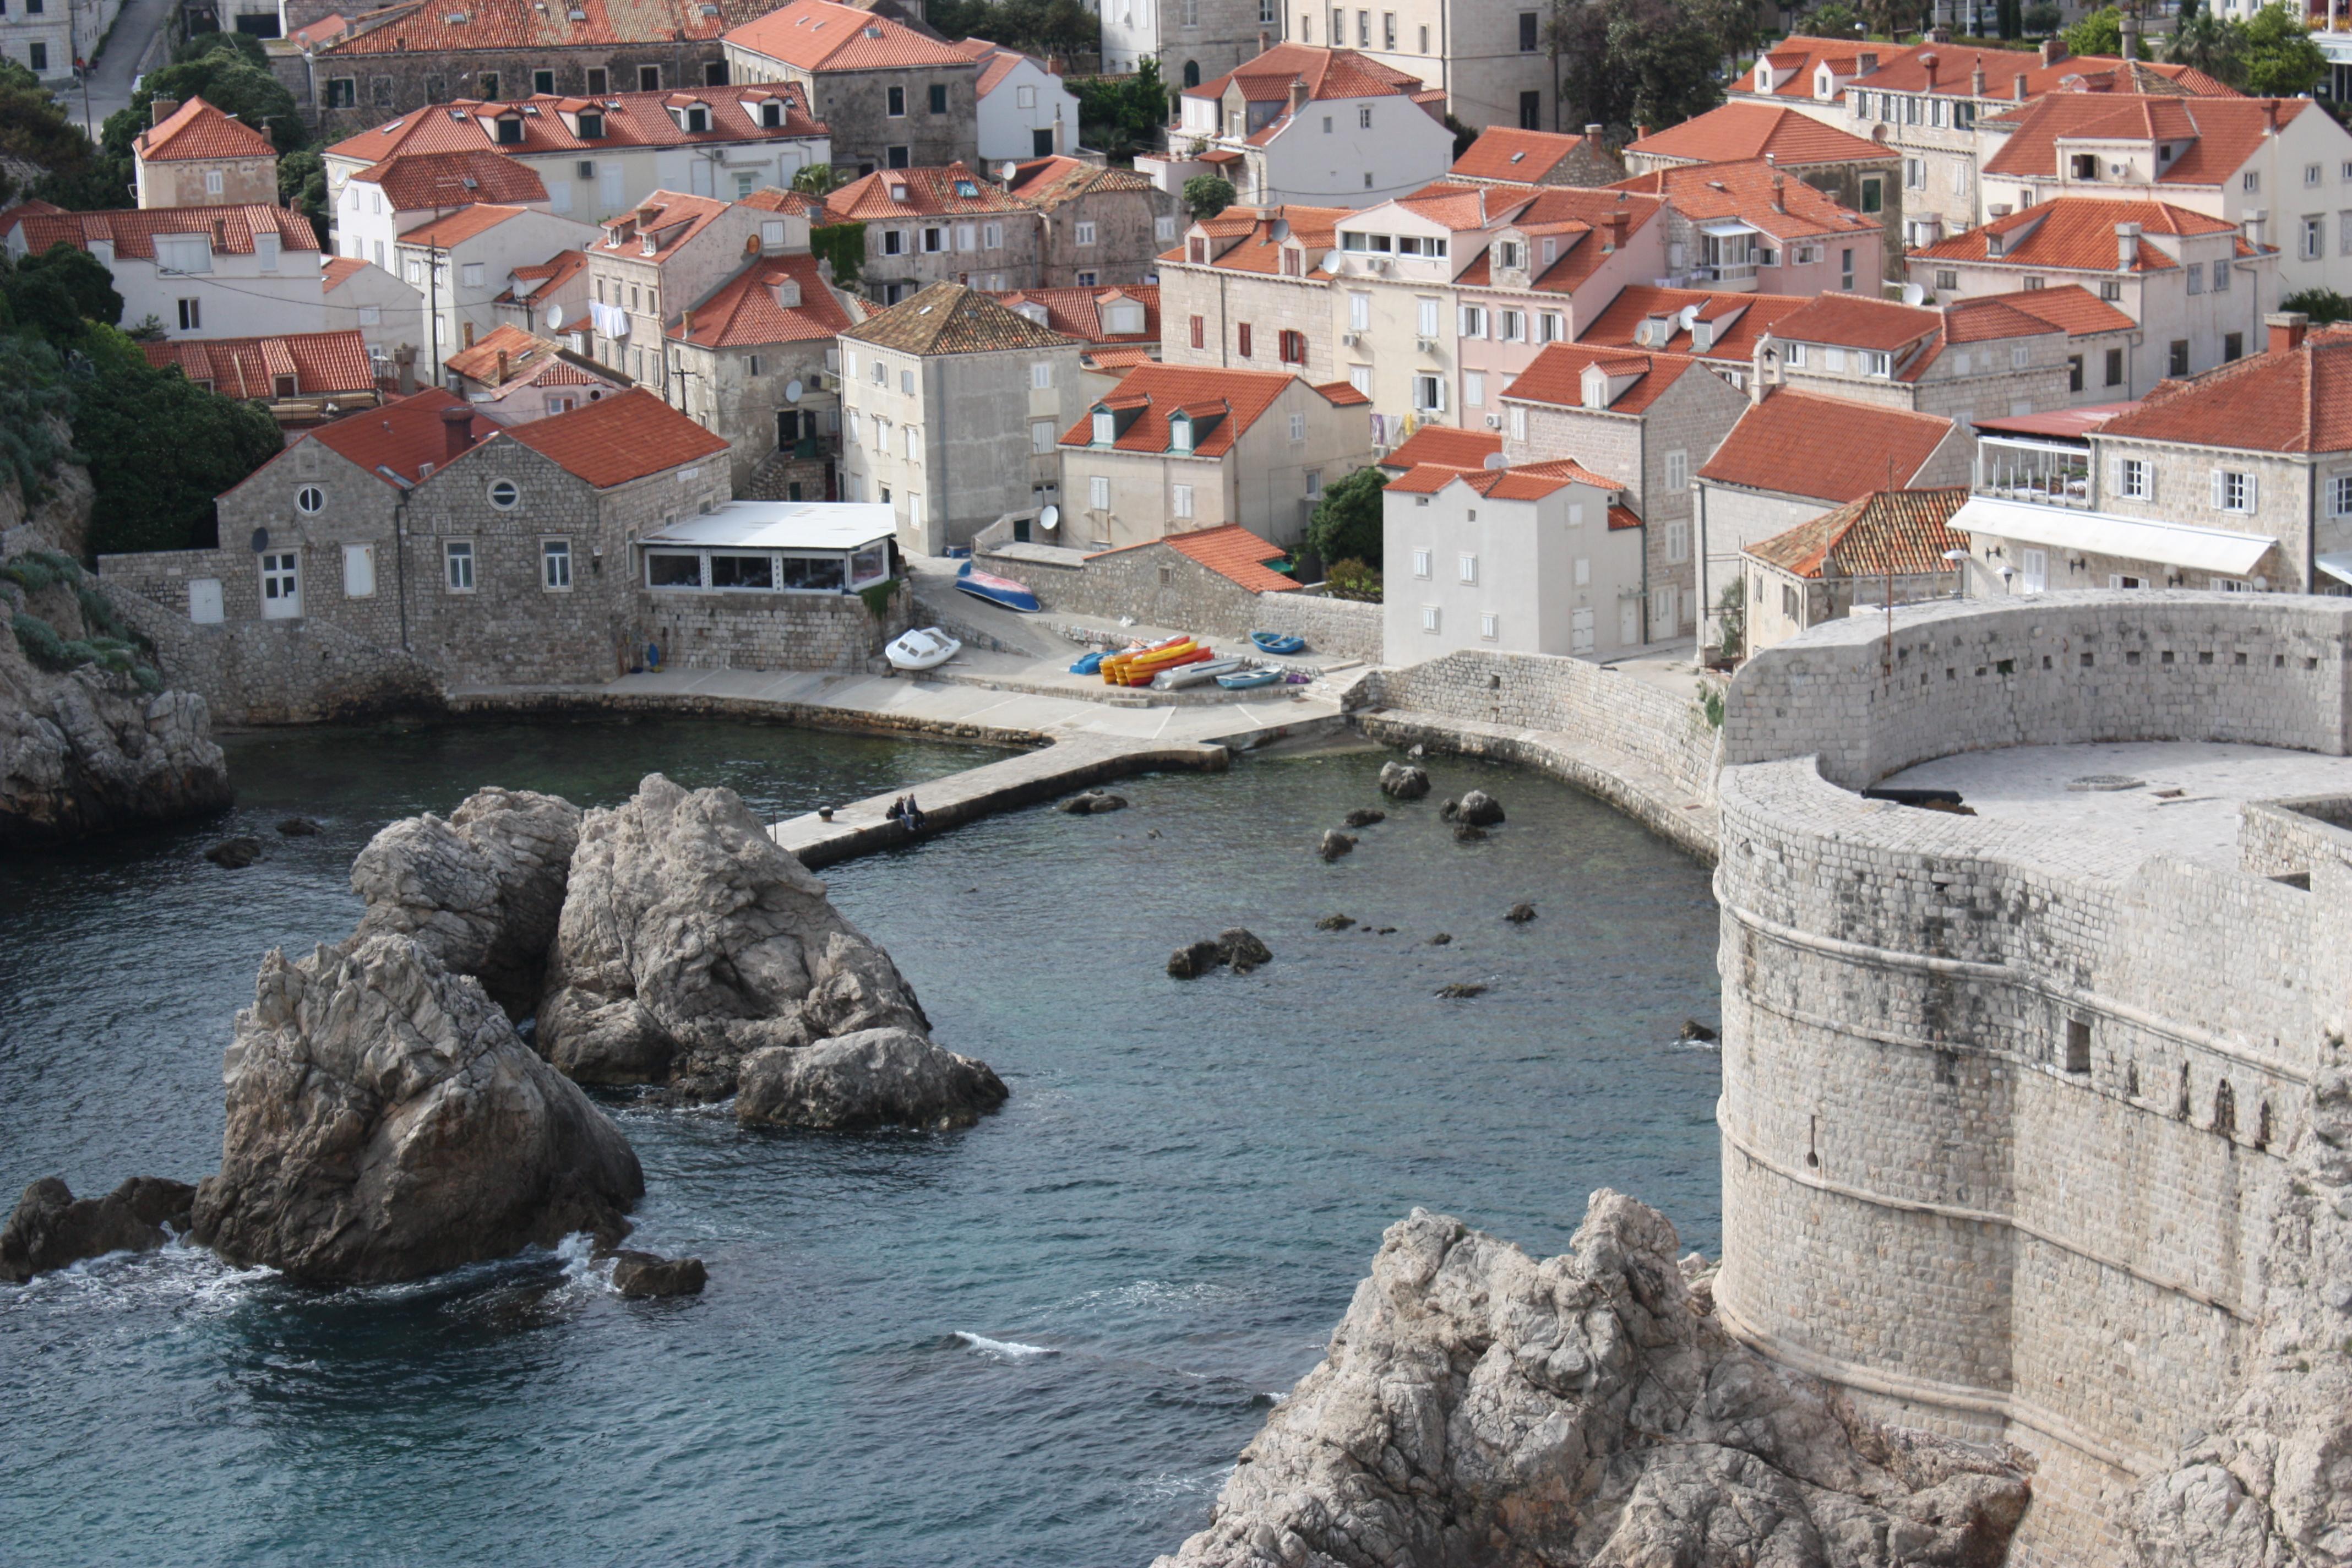 Maloobchodná dohazování Dubrovnik